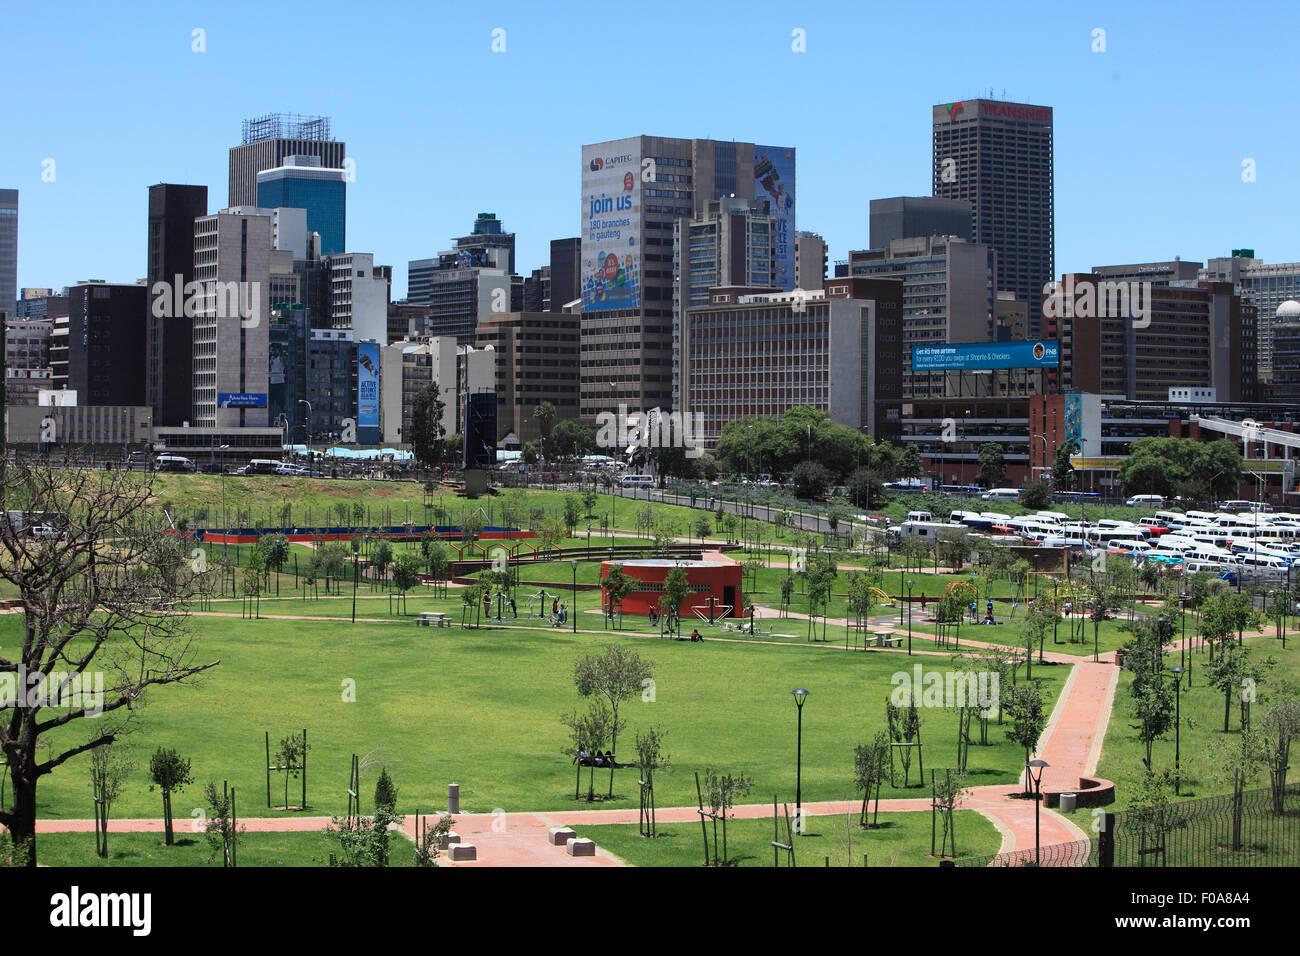 Sud Africa, Johannesburg. Vista da Joburg del primo tour bus della città interna CBD e il parco vicino Newtown. Immagini Stock